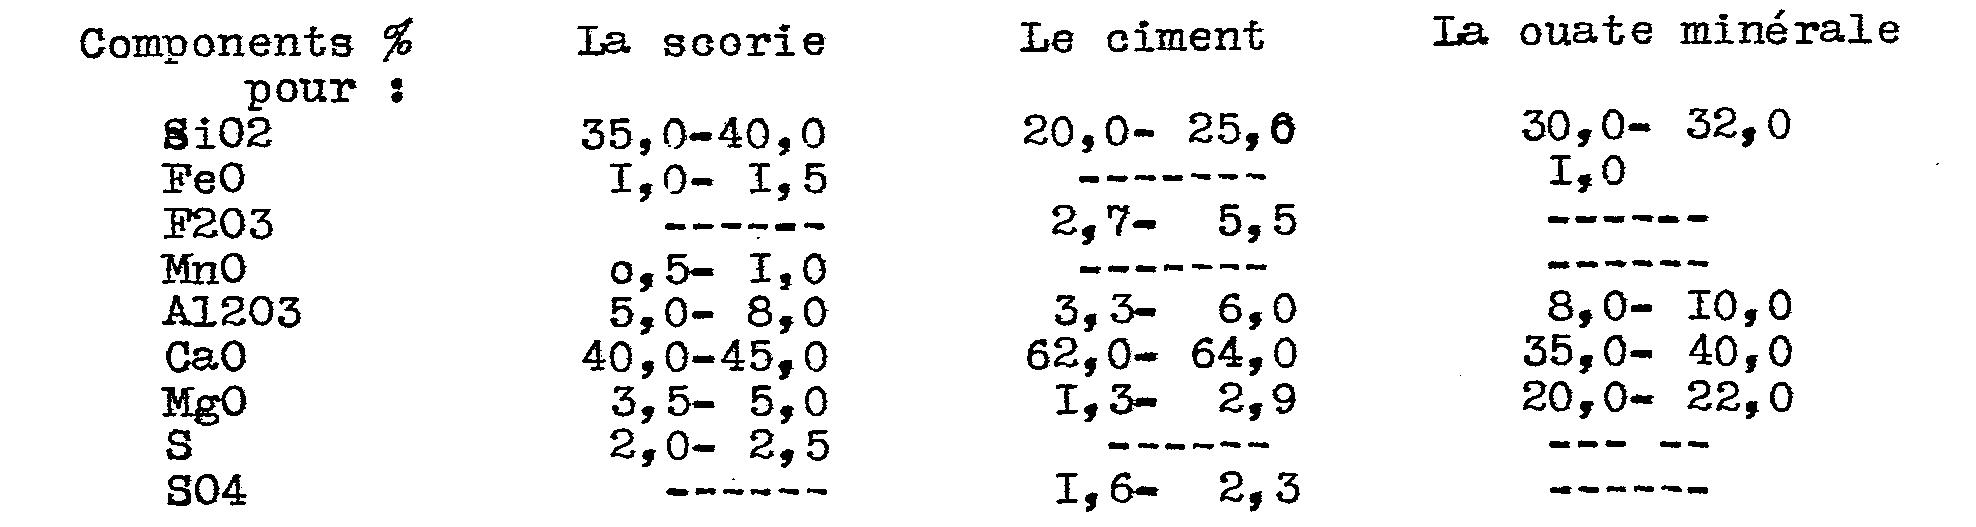 Patent ep0121639a1 r cup ration de l 39 nergie calorique de la scorie fon - Composition du ciment ...